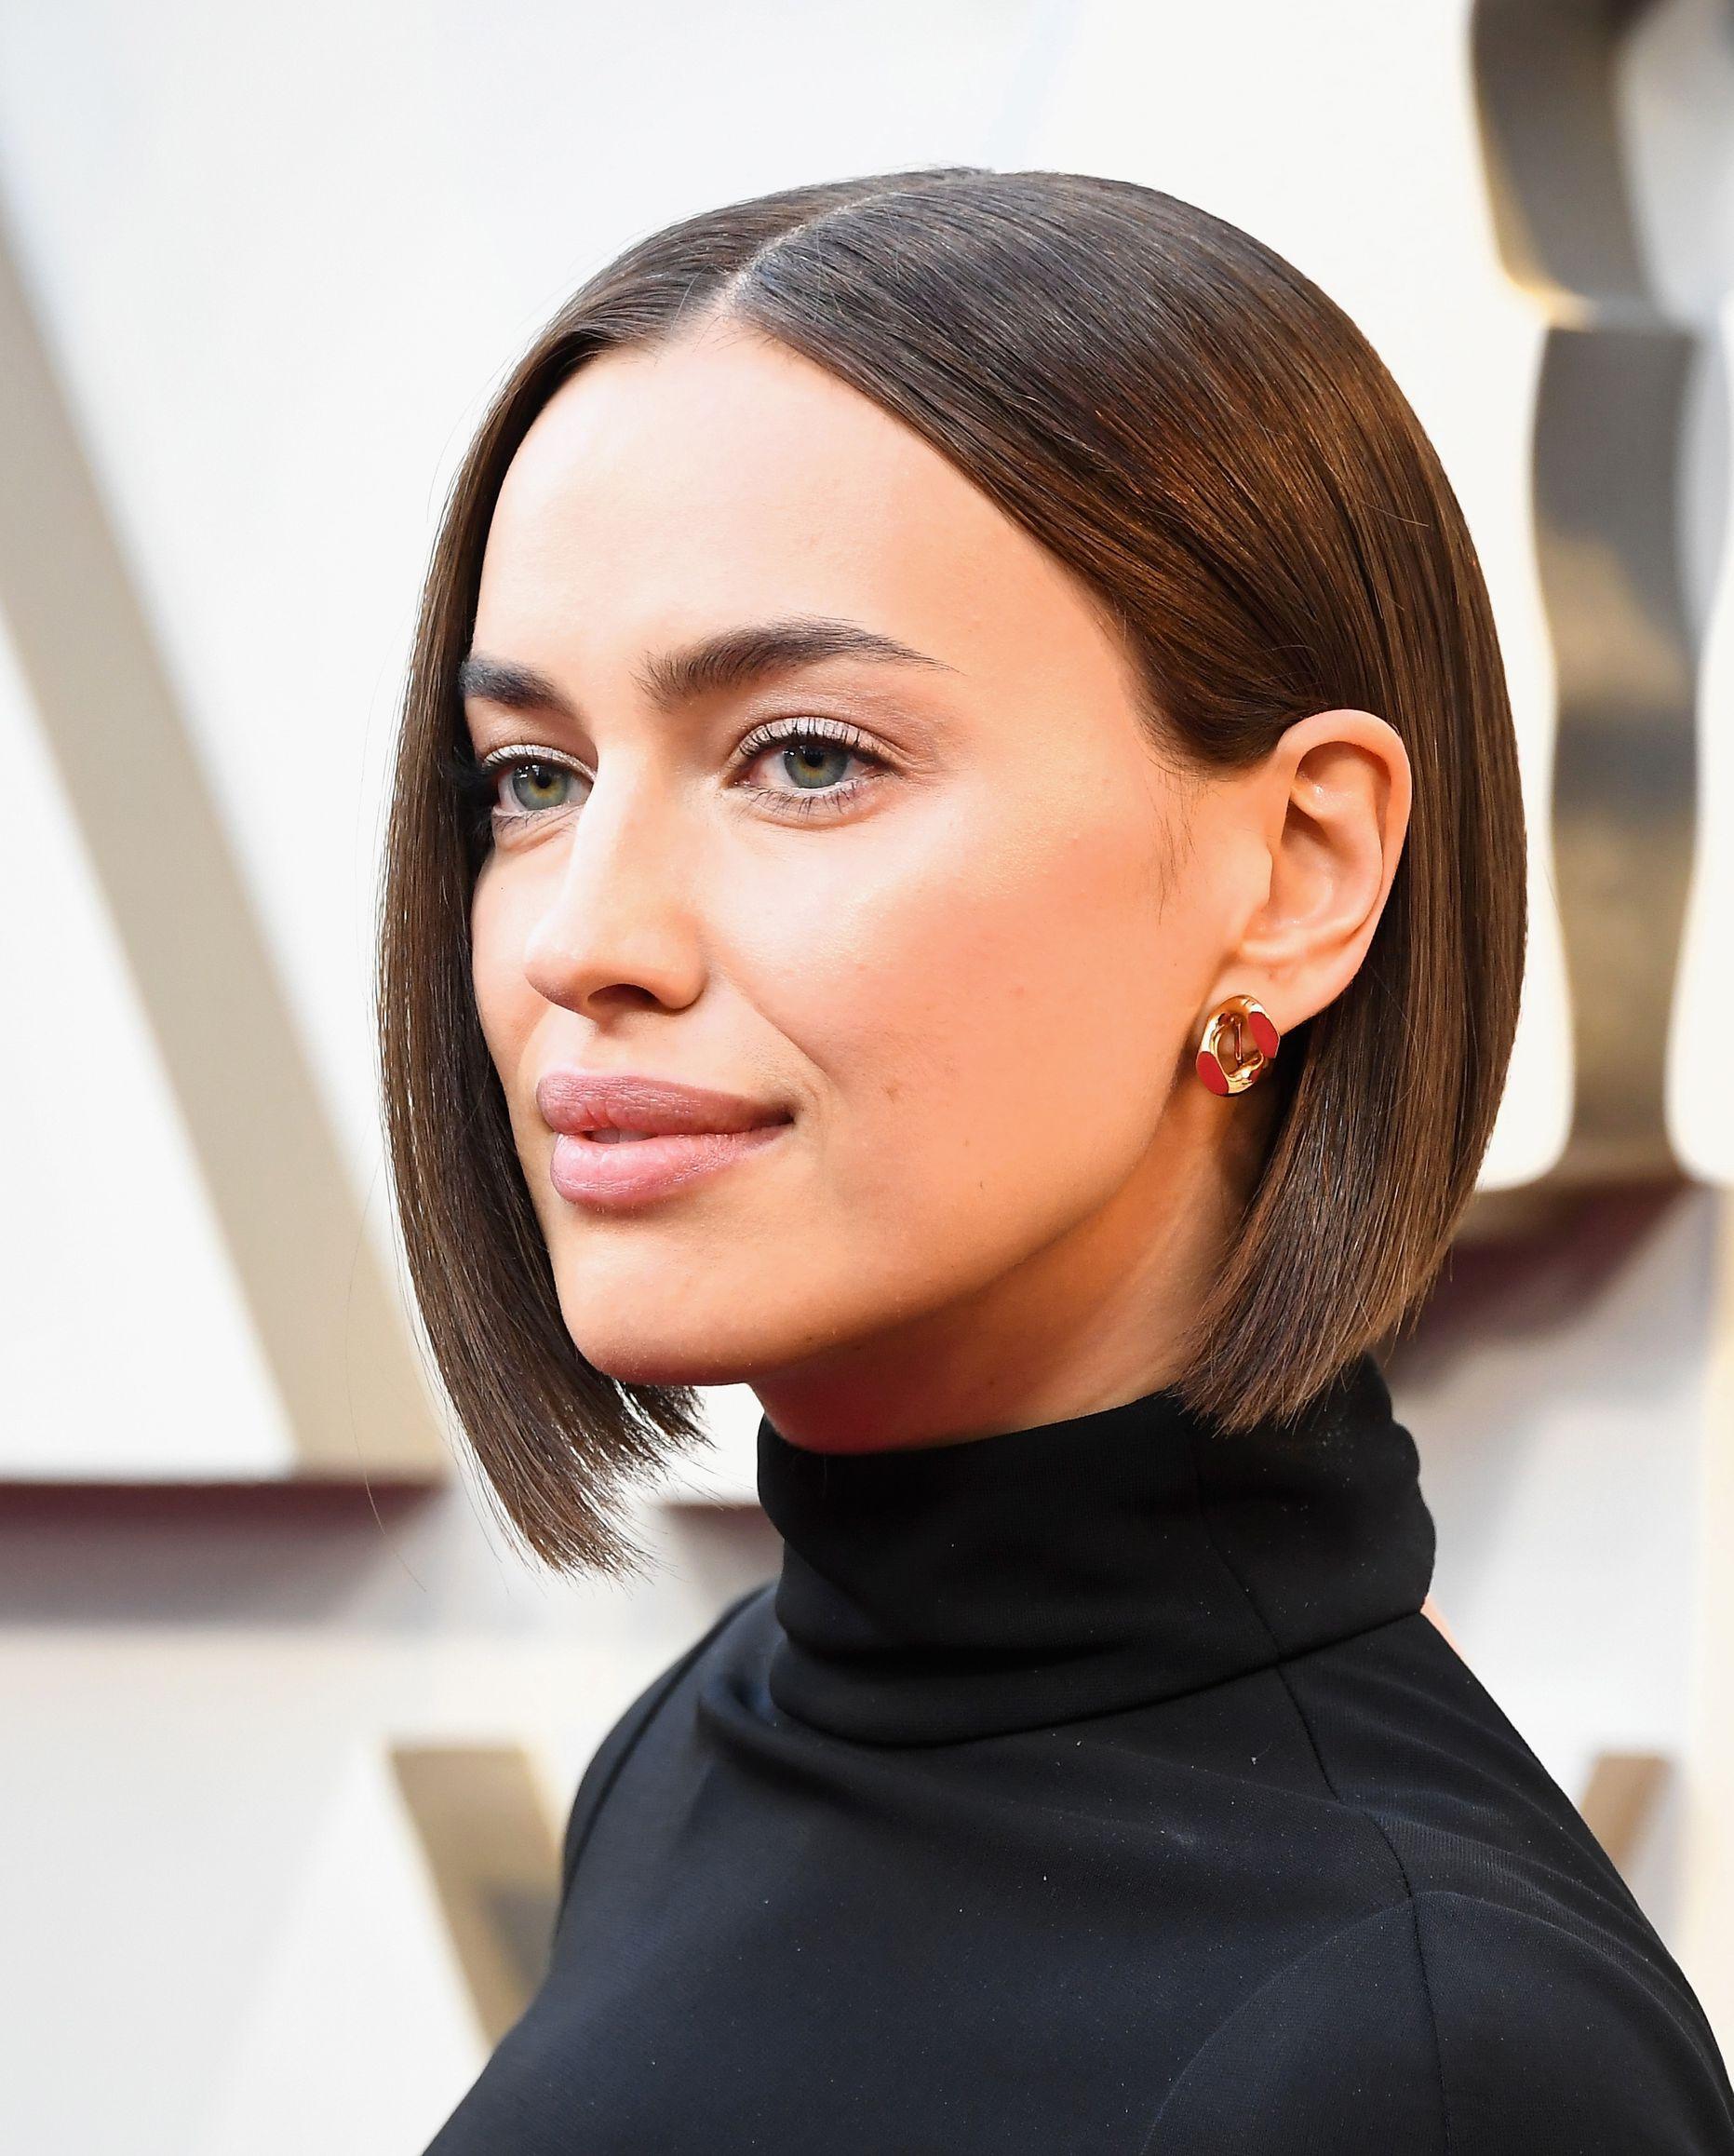 03 phong cách trang điểm và làm tóc Oscars 2019